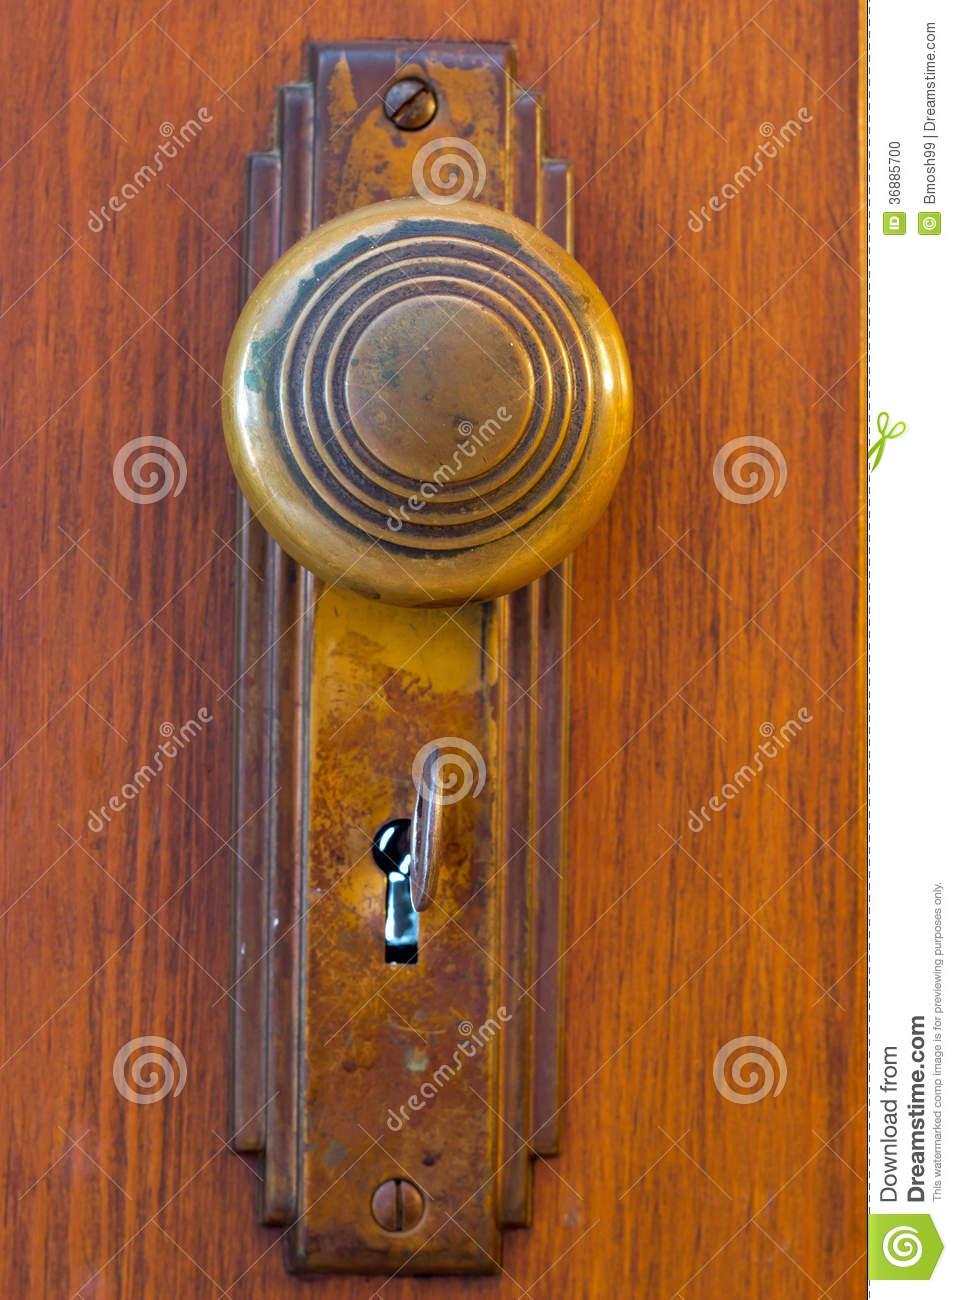 inside a door knob photo - 13